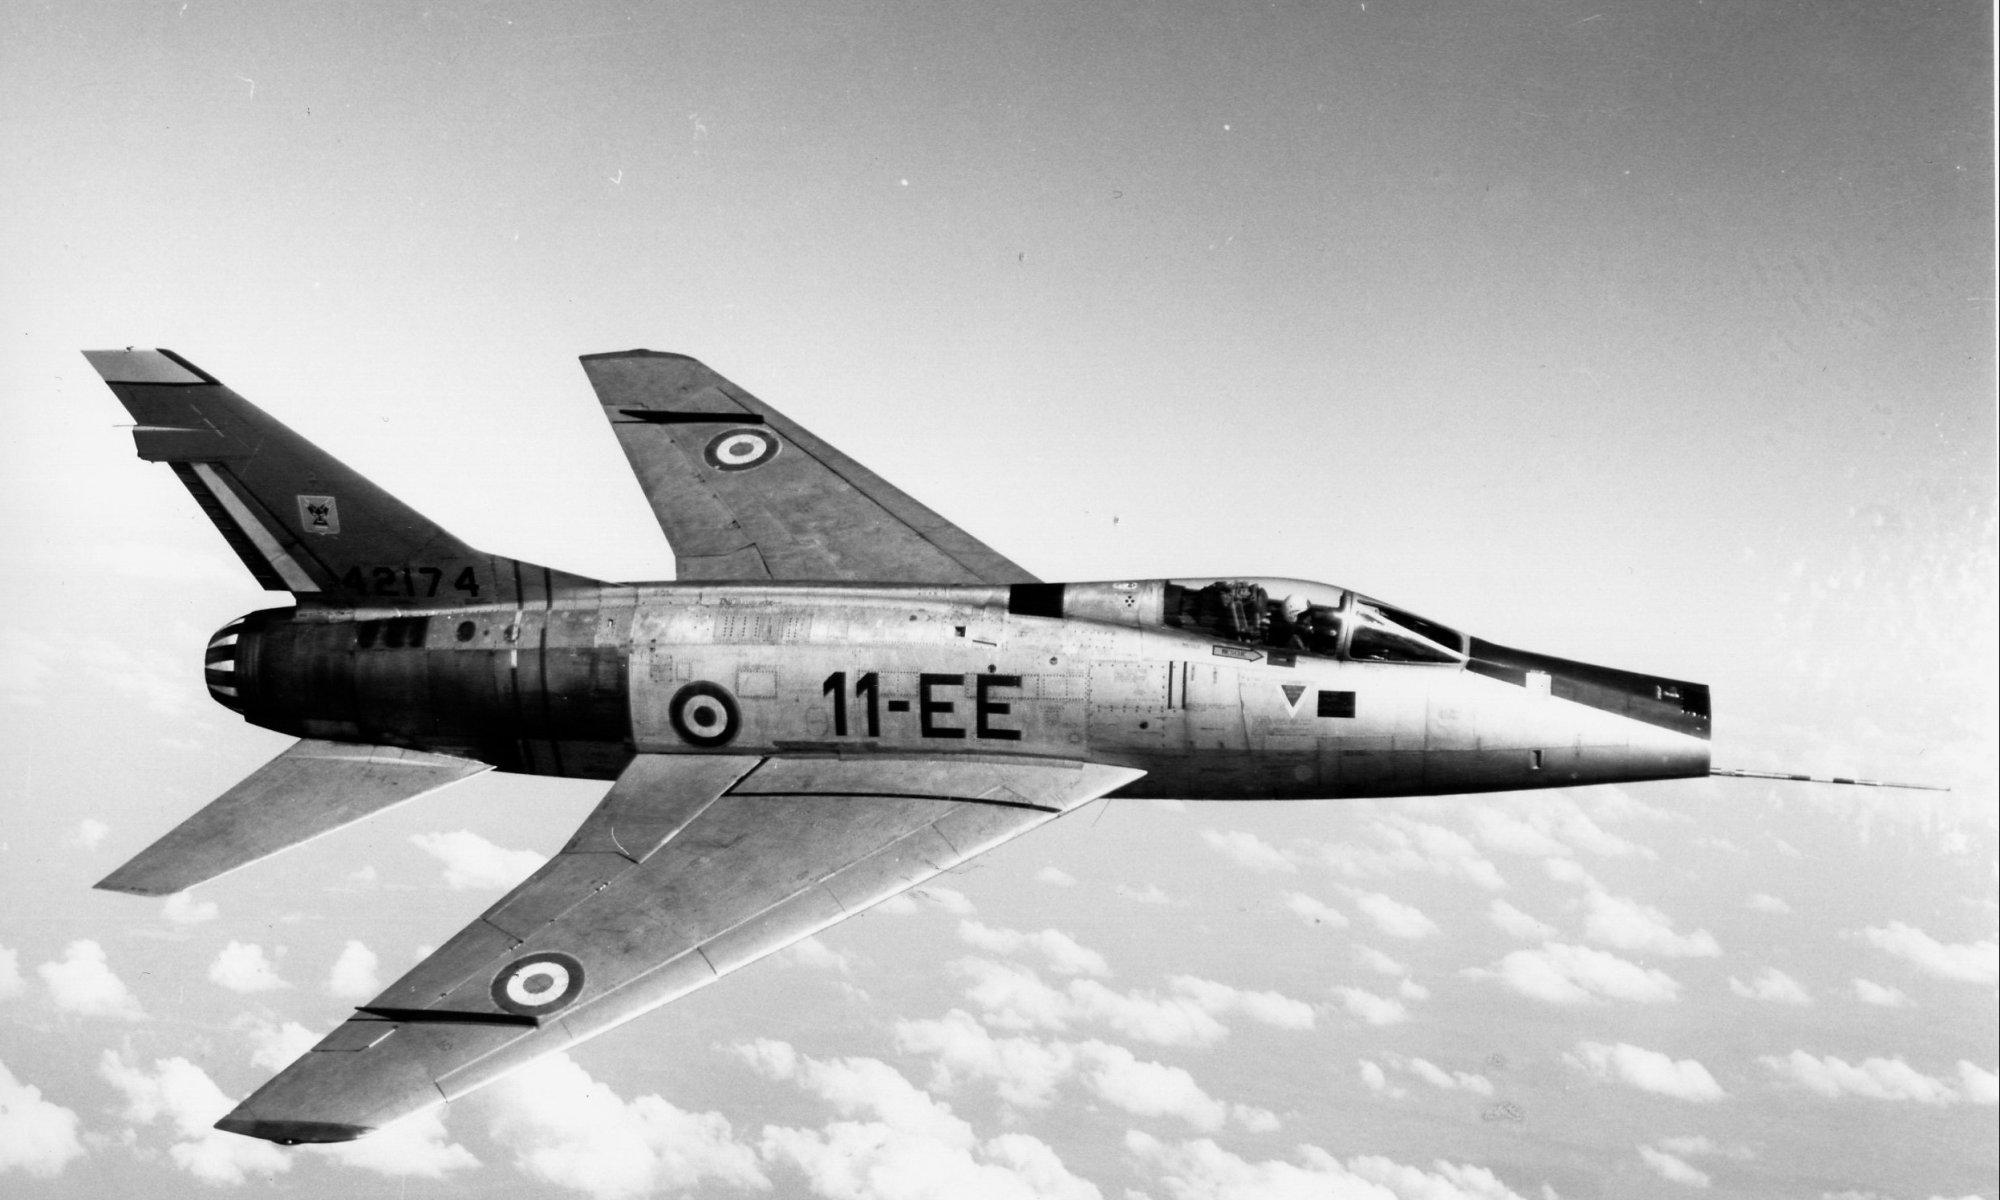 F-100D_11-EE_42174 (retour USAF préservé Midland Air Museum Baginton UK)